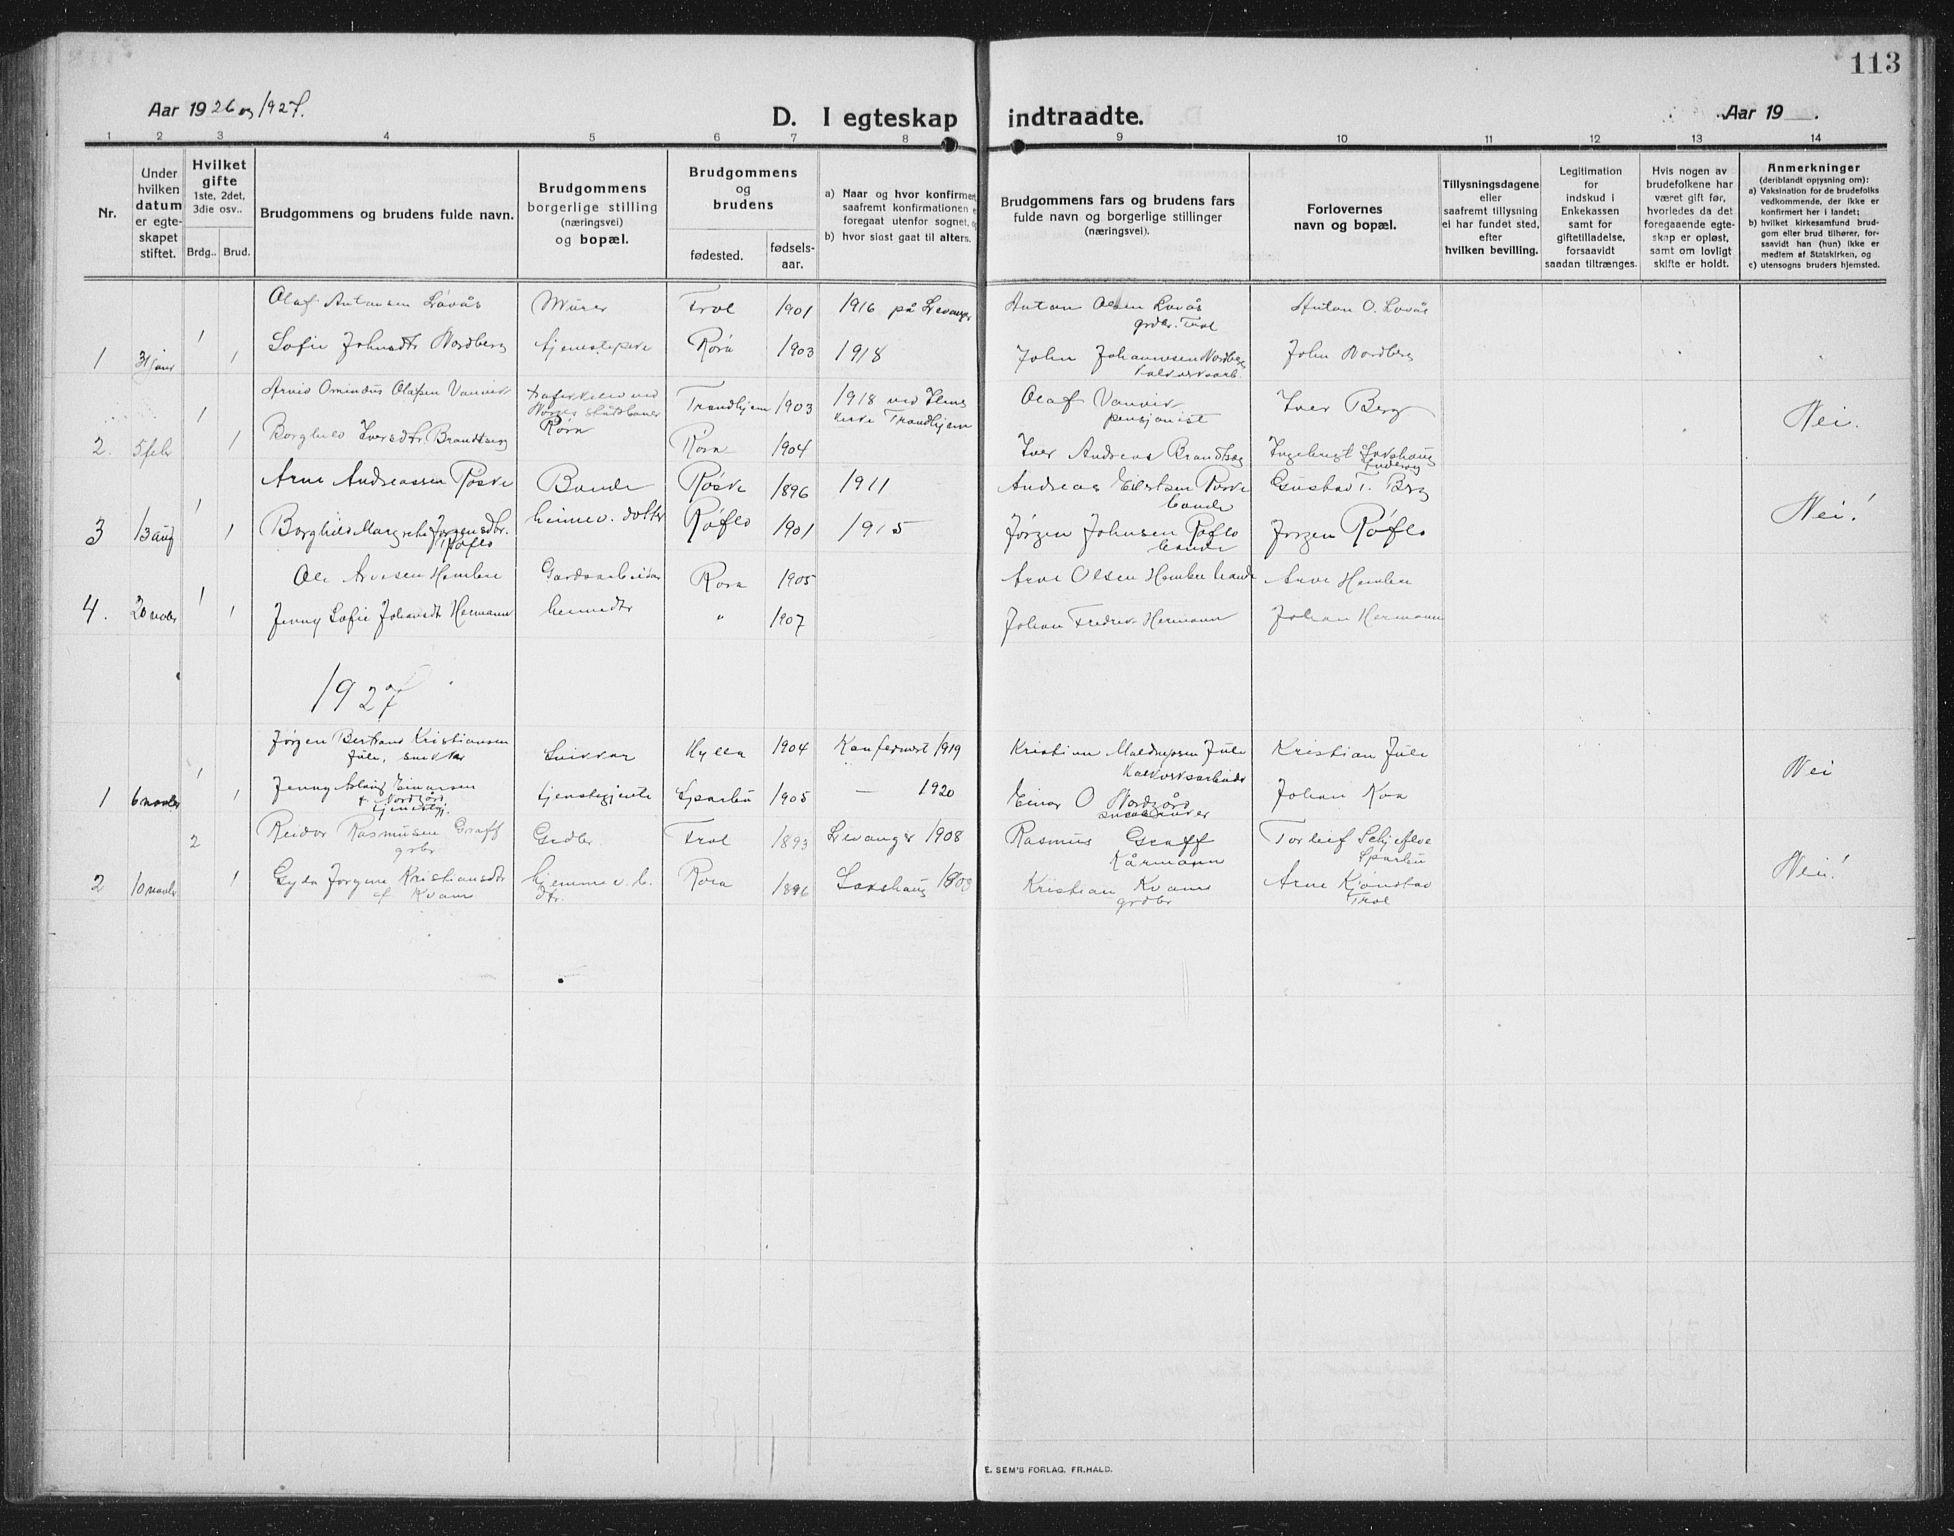 SAT, Ministerialprotokoller, klokkerbøker og fødselsregistre - Nord-Trøndelag, 731/L0312: Klokkerbok nr. 731C03, 1911-1935, s. 113